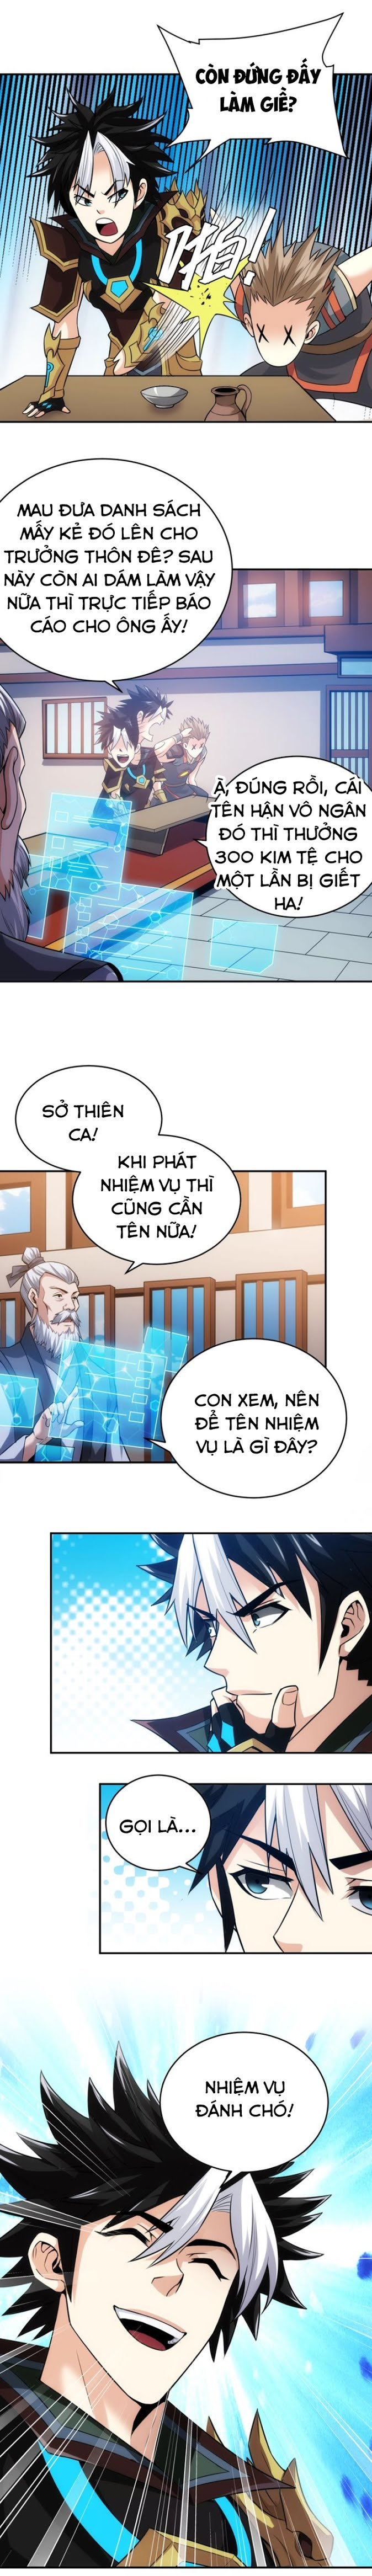 Rich Player - Người Chơi Khắc Kim Chapter 36 video - Hamtruyen.vn